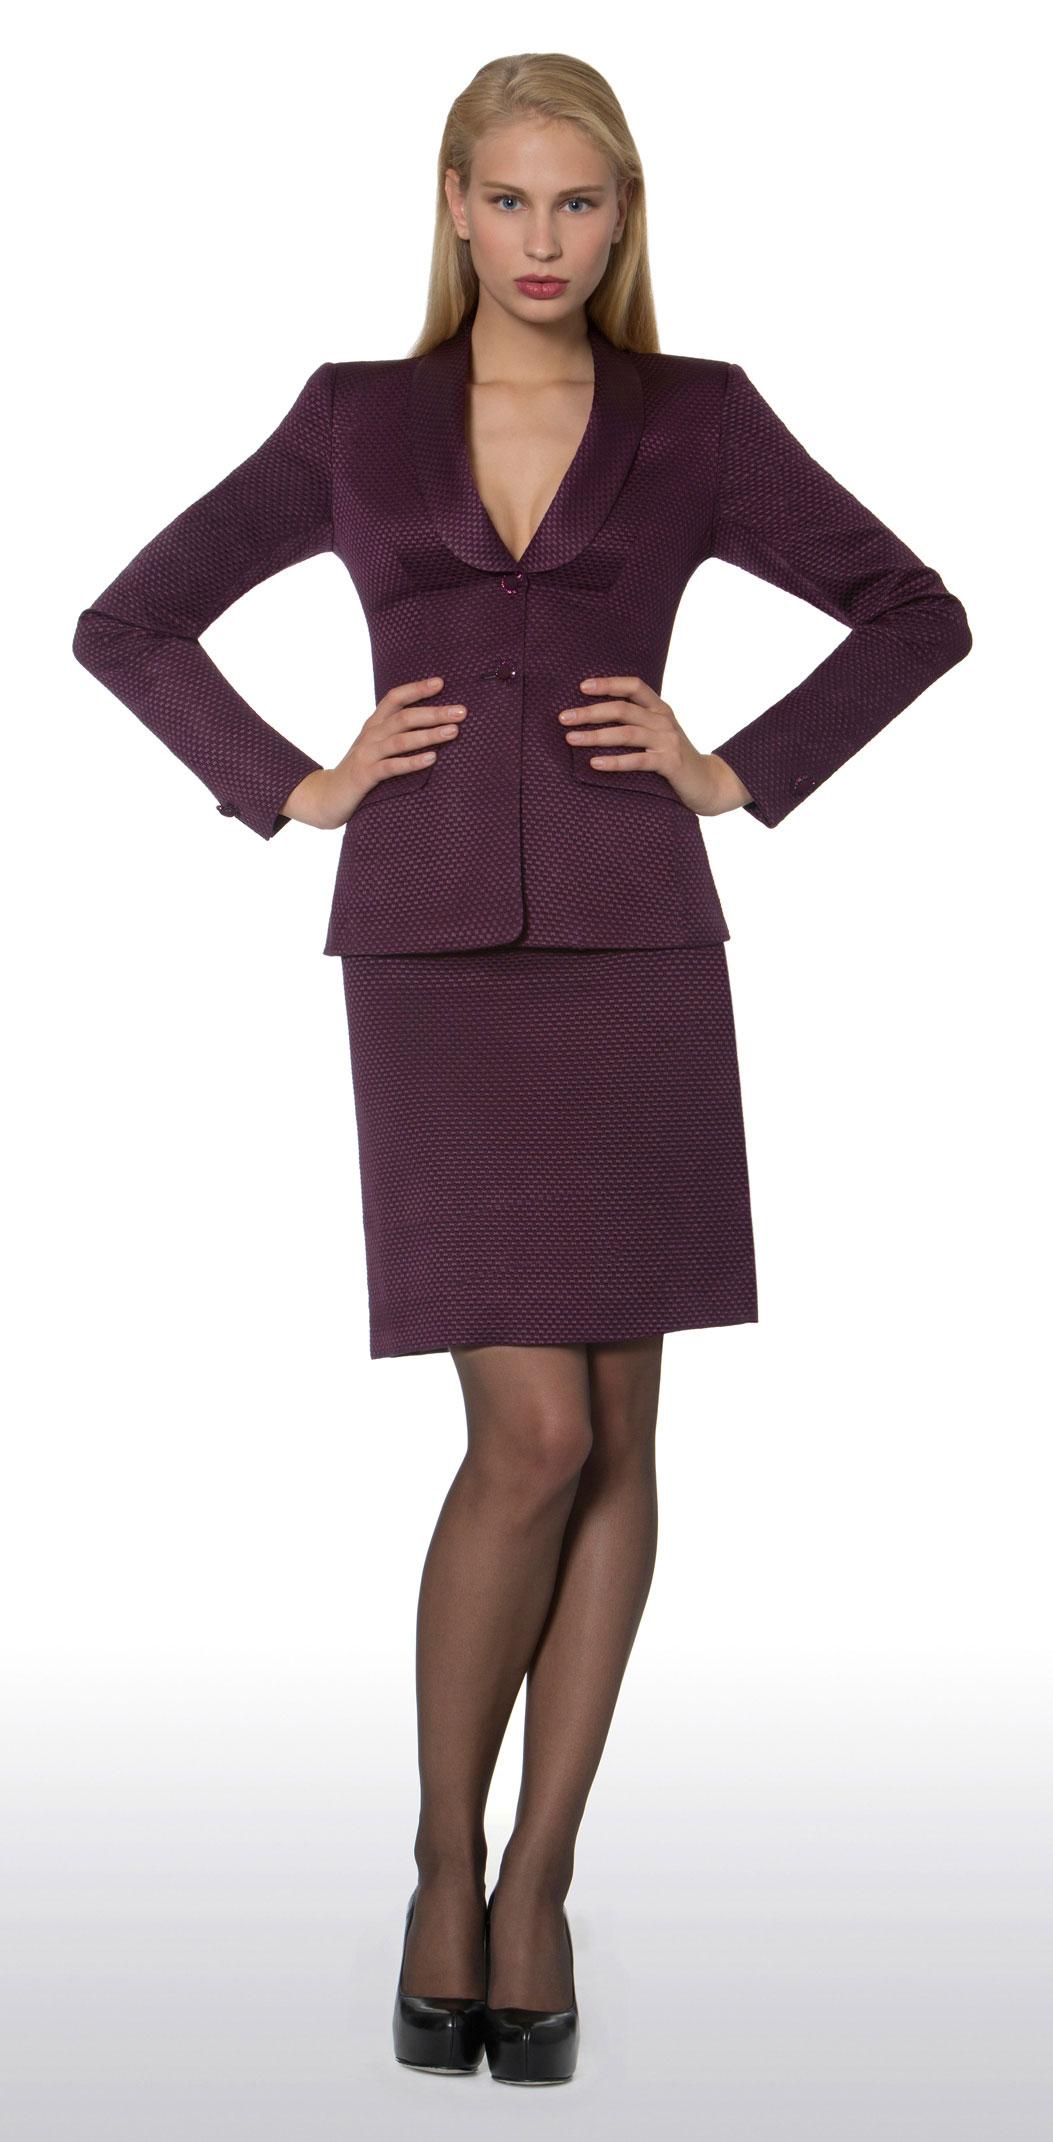 Z-Form-Uniform-Kelsy-Zimba-Jacket-WJ12-Skirt-WS8.jpg